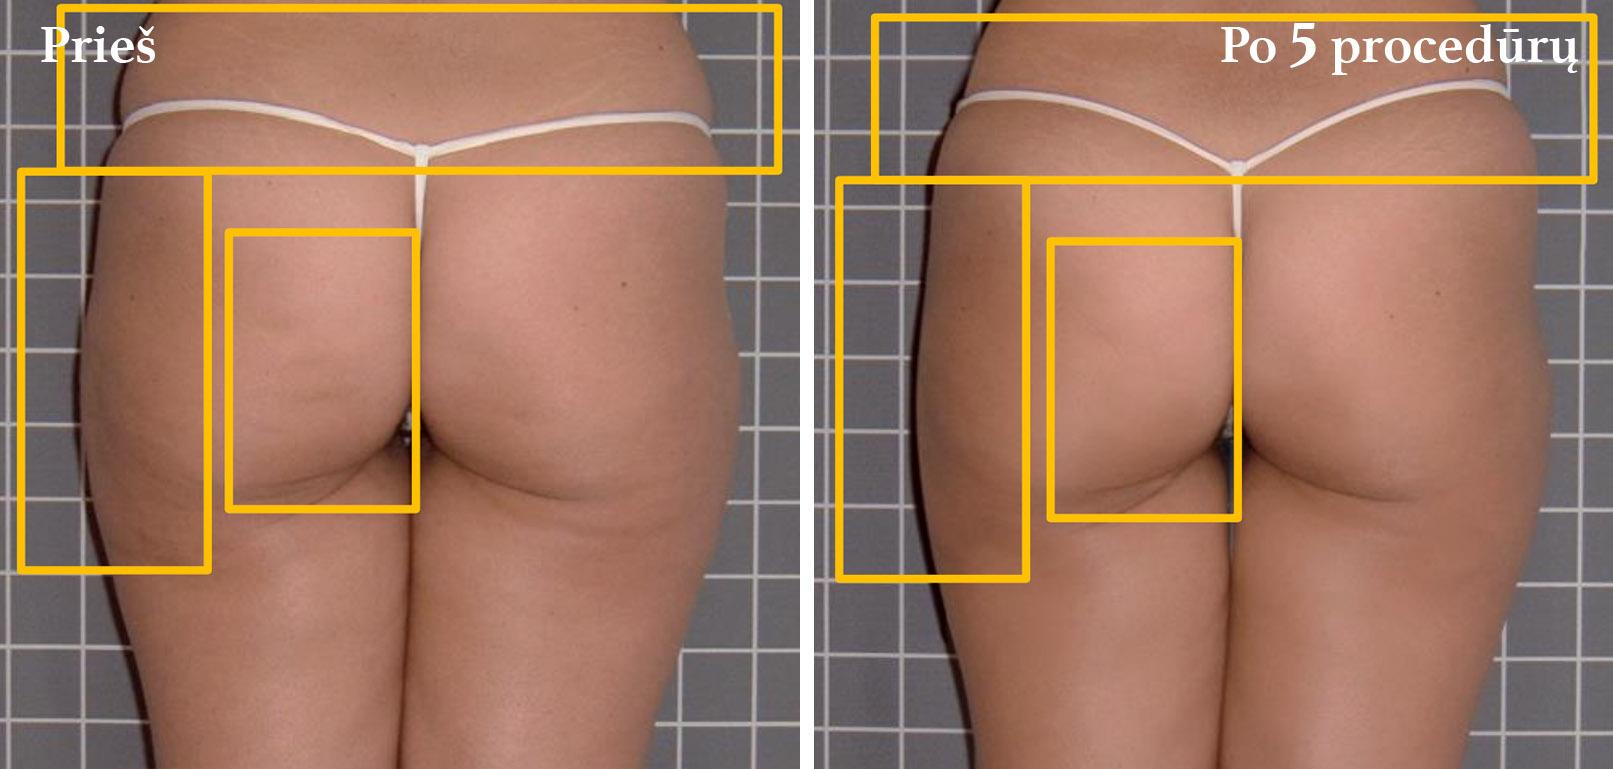 icoone-laser-geriausia-kuno-veido-procedura-gydimas-vilnius-klinika-celiulitas